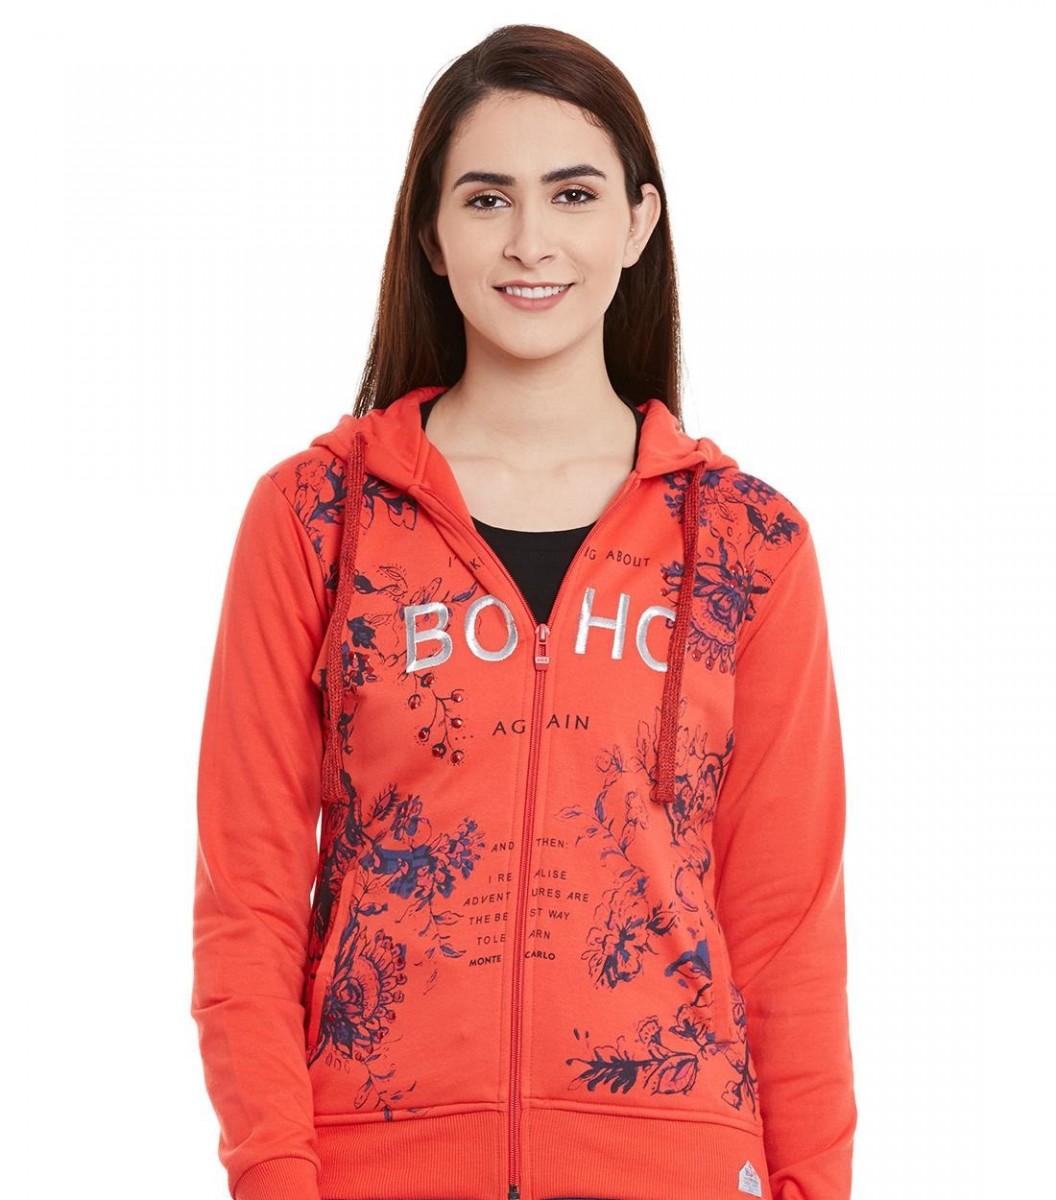 Monte Carlo Winter orange printed hooded sweatshirt